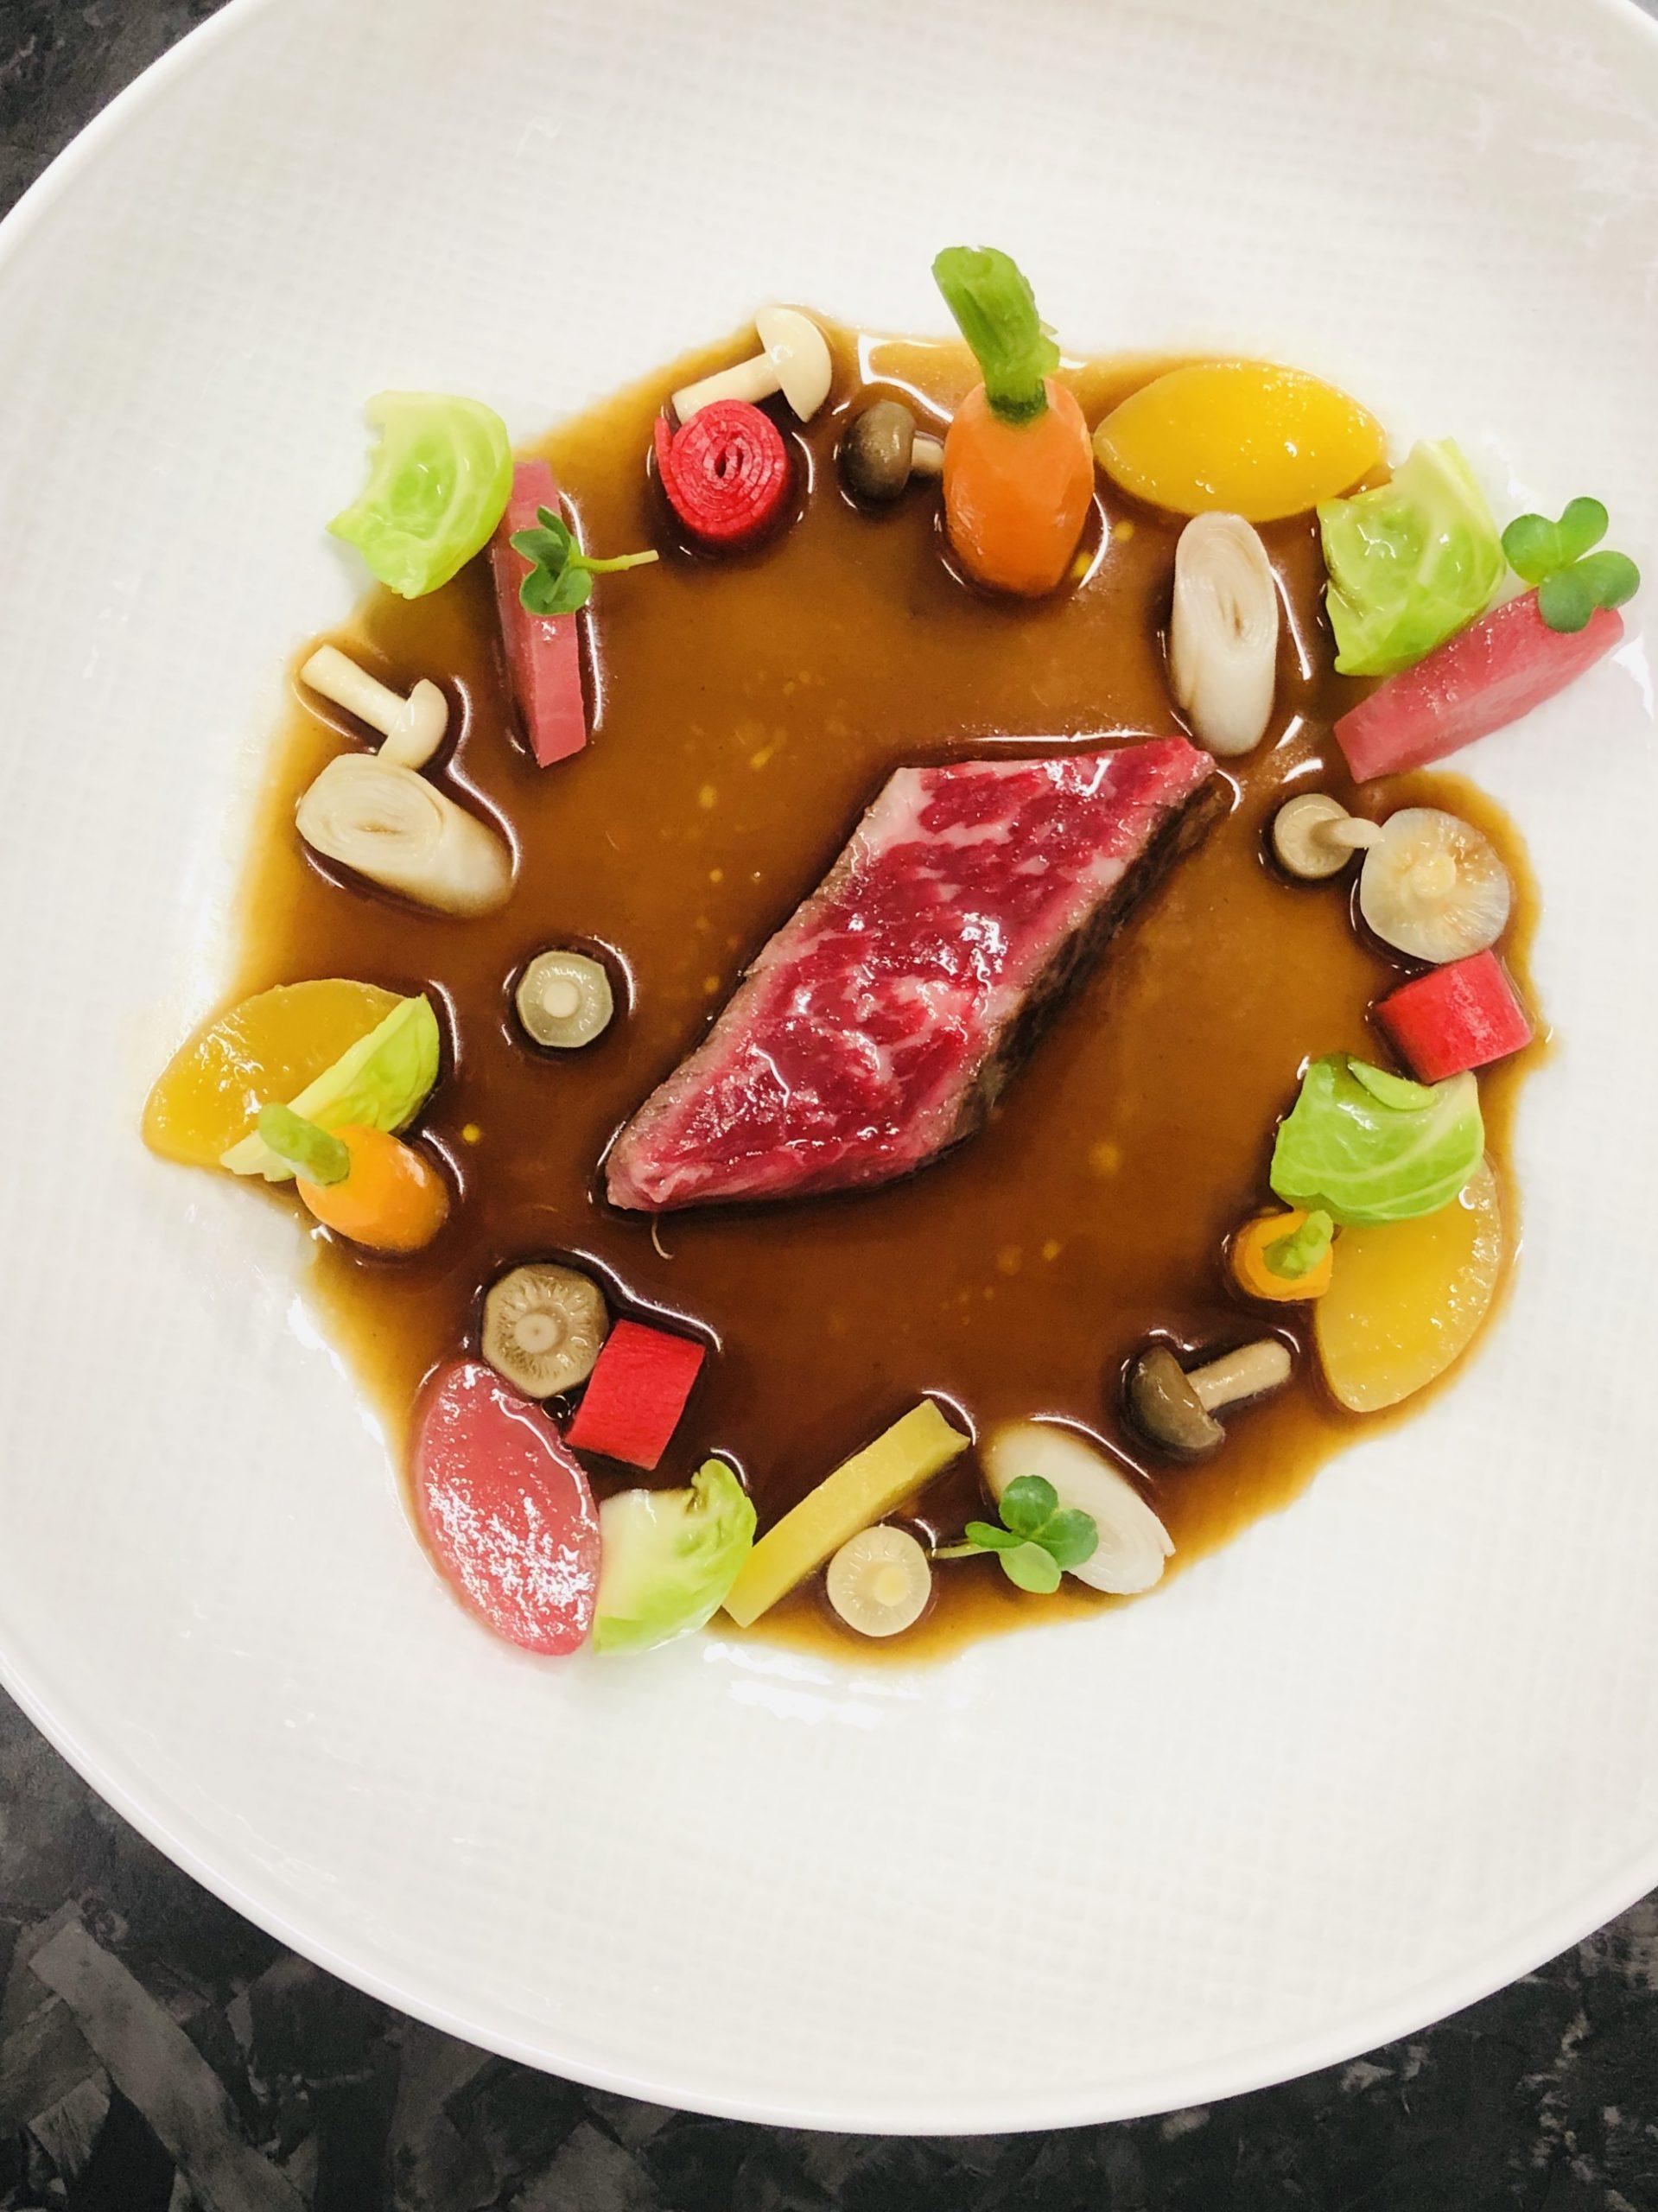 Wagyu japonais cuisiné en consommé corsé, légumes crus et cuits par Christophe Dufossé